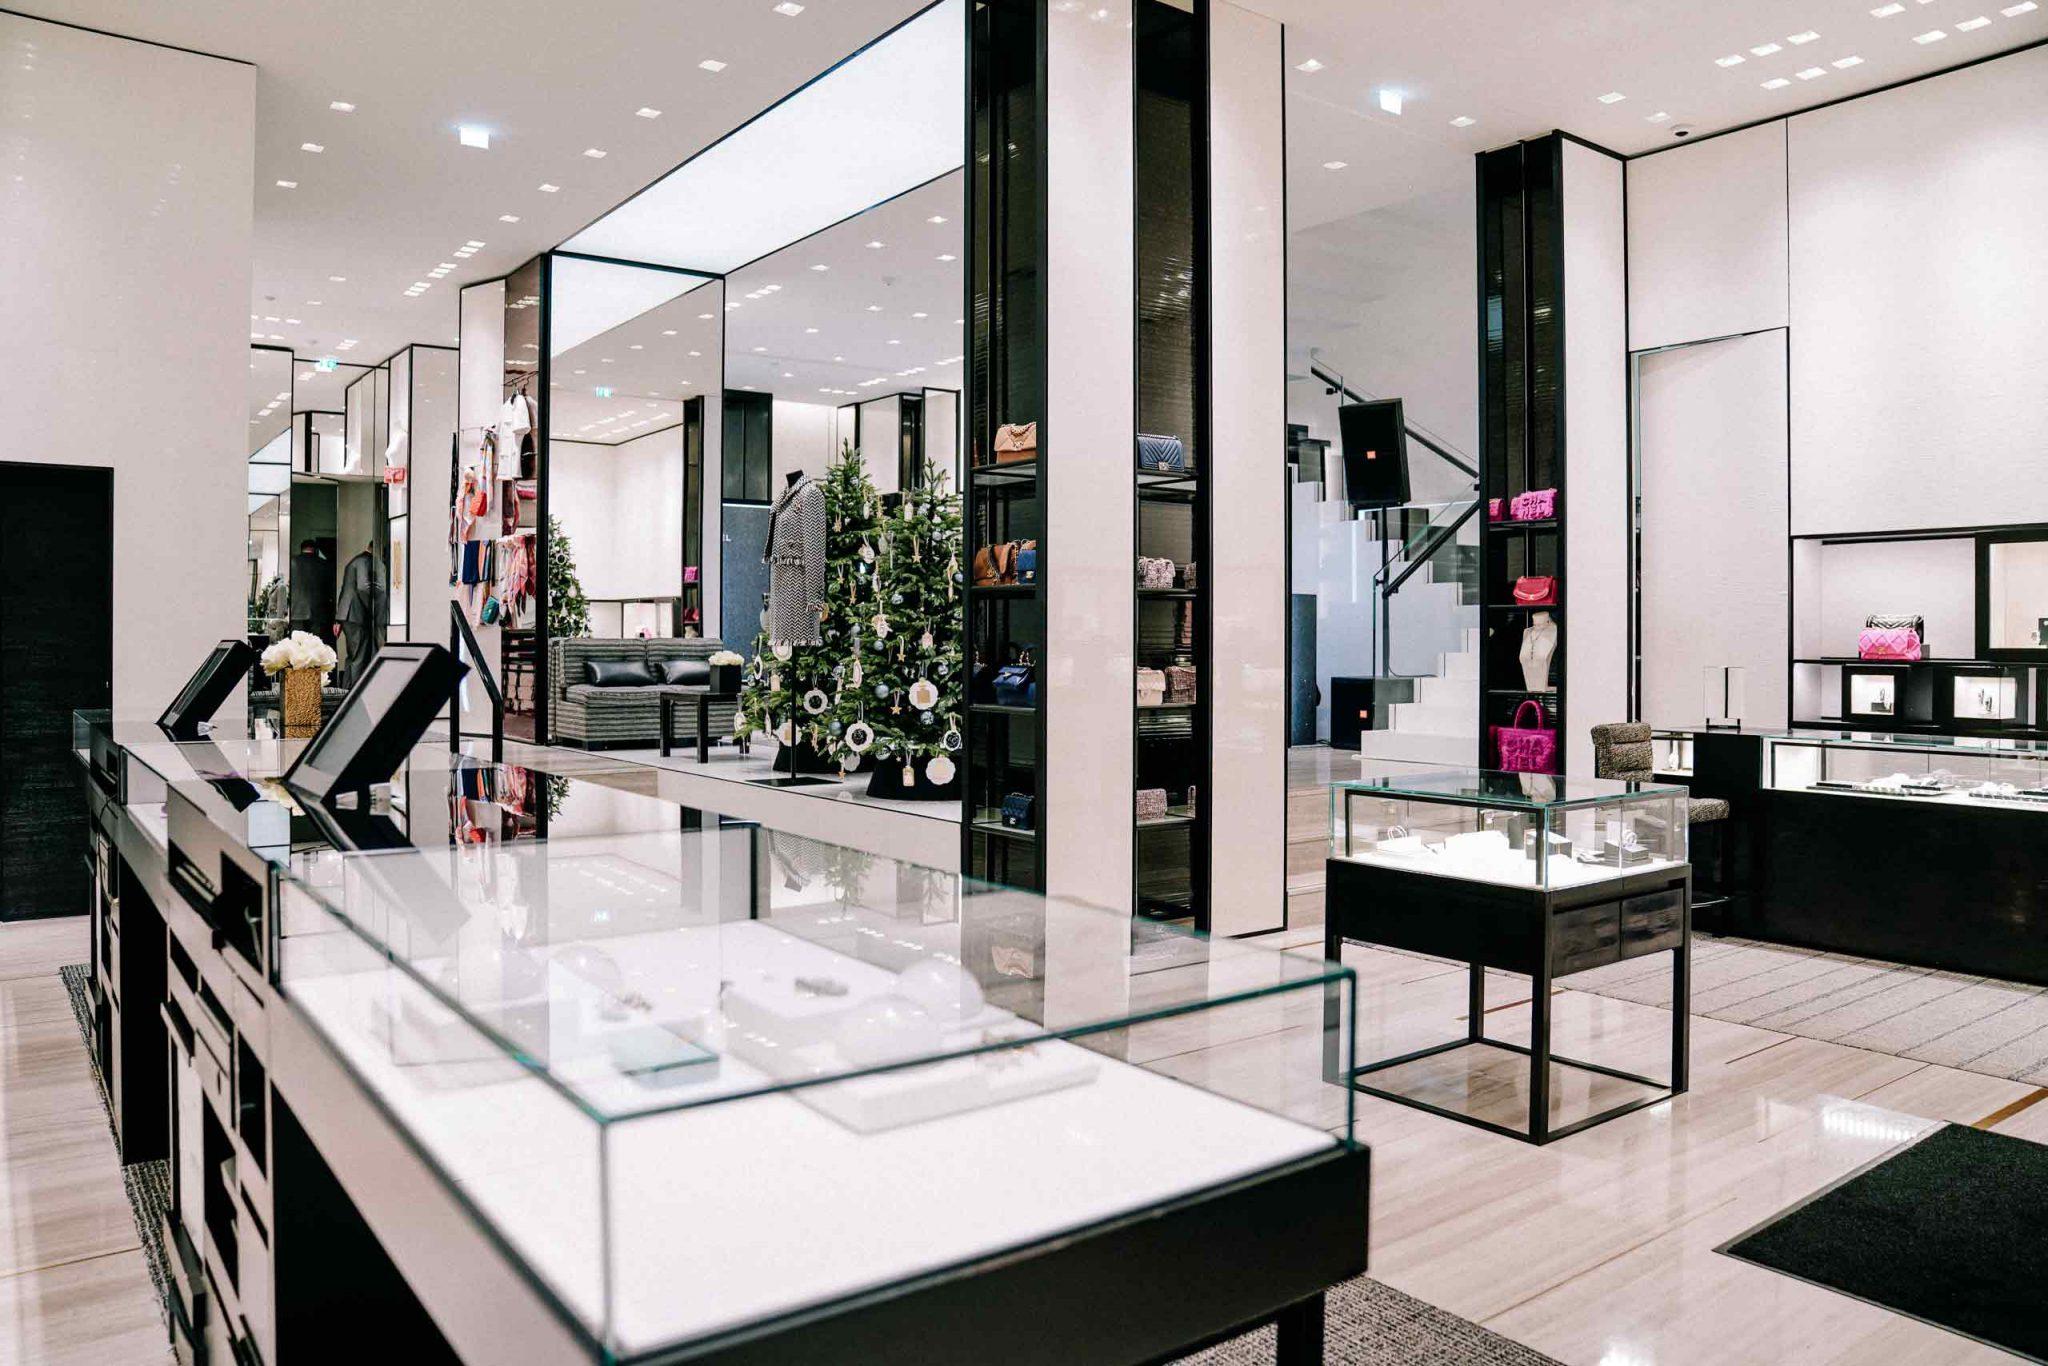 Chanel_Boutique_Cocktail_event_Ilsoo_van_Dijk_07122019-00612